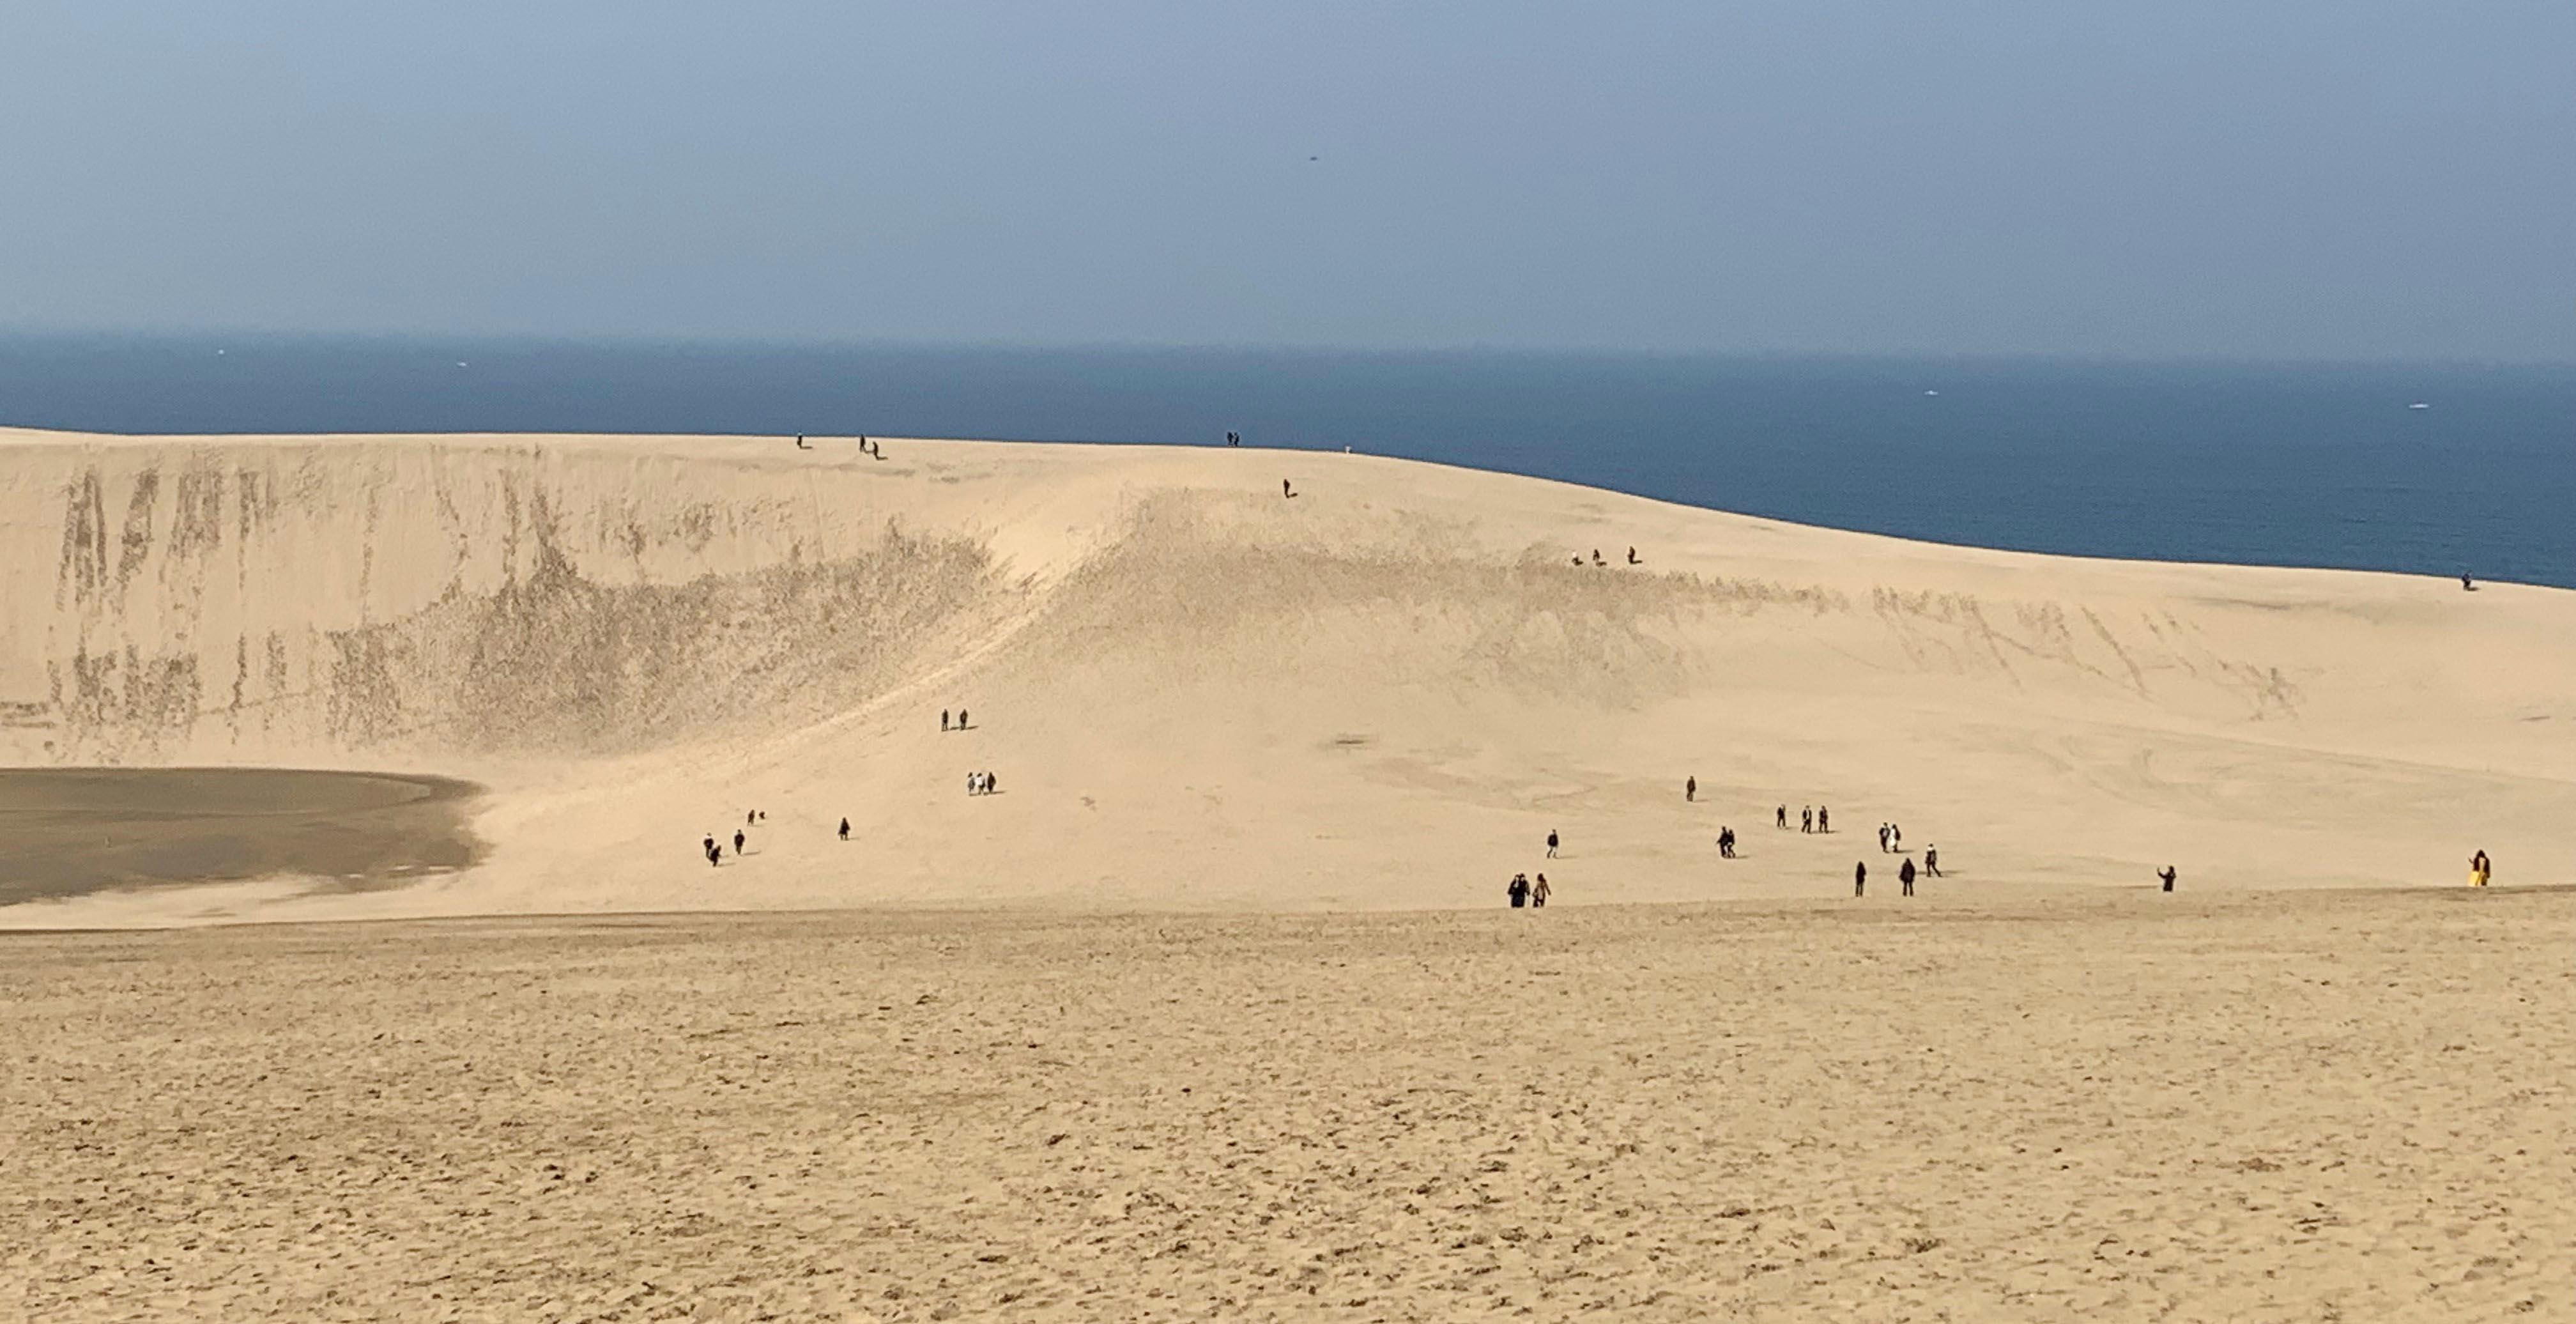 鳥取満喫!鳥取砂丘と二十世紀梨ツアー催行!